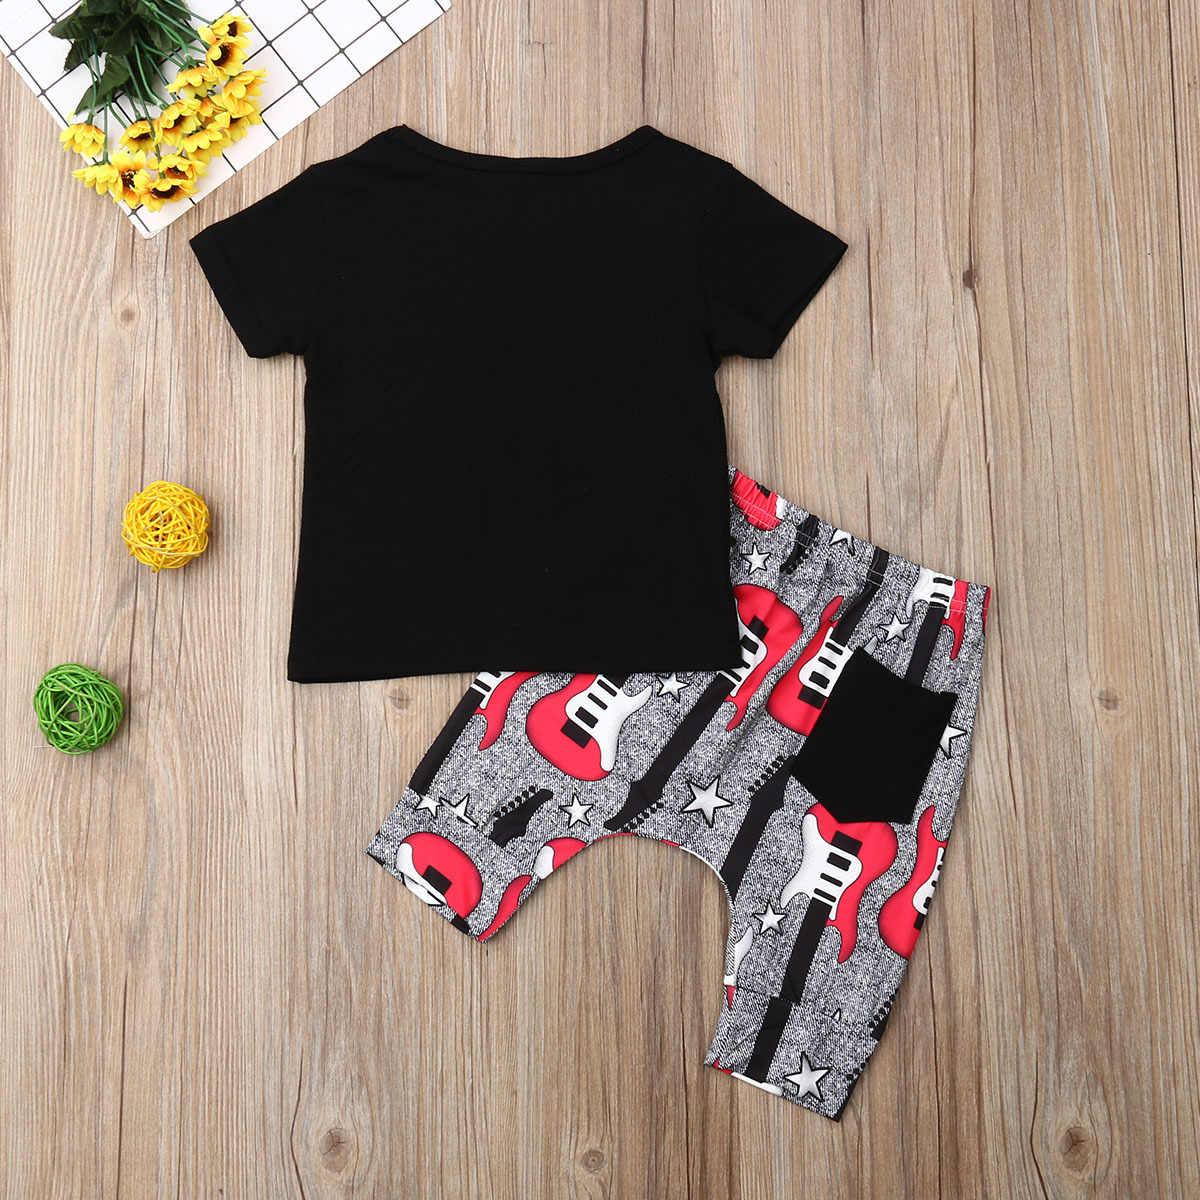 2019 Bebek Erkek Kız Giyim seti kısa kollu tişört + Pantolon 2 ADET Kıyafetler set Çocuklar 12M-3Y I love Rock N 'ROLL baskılı